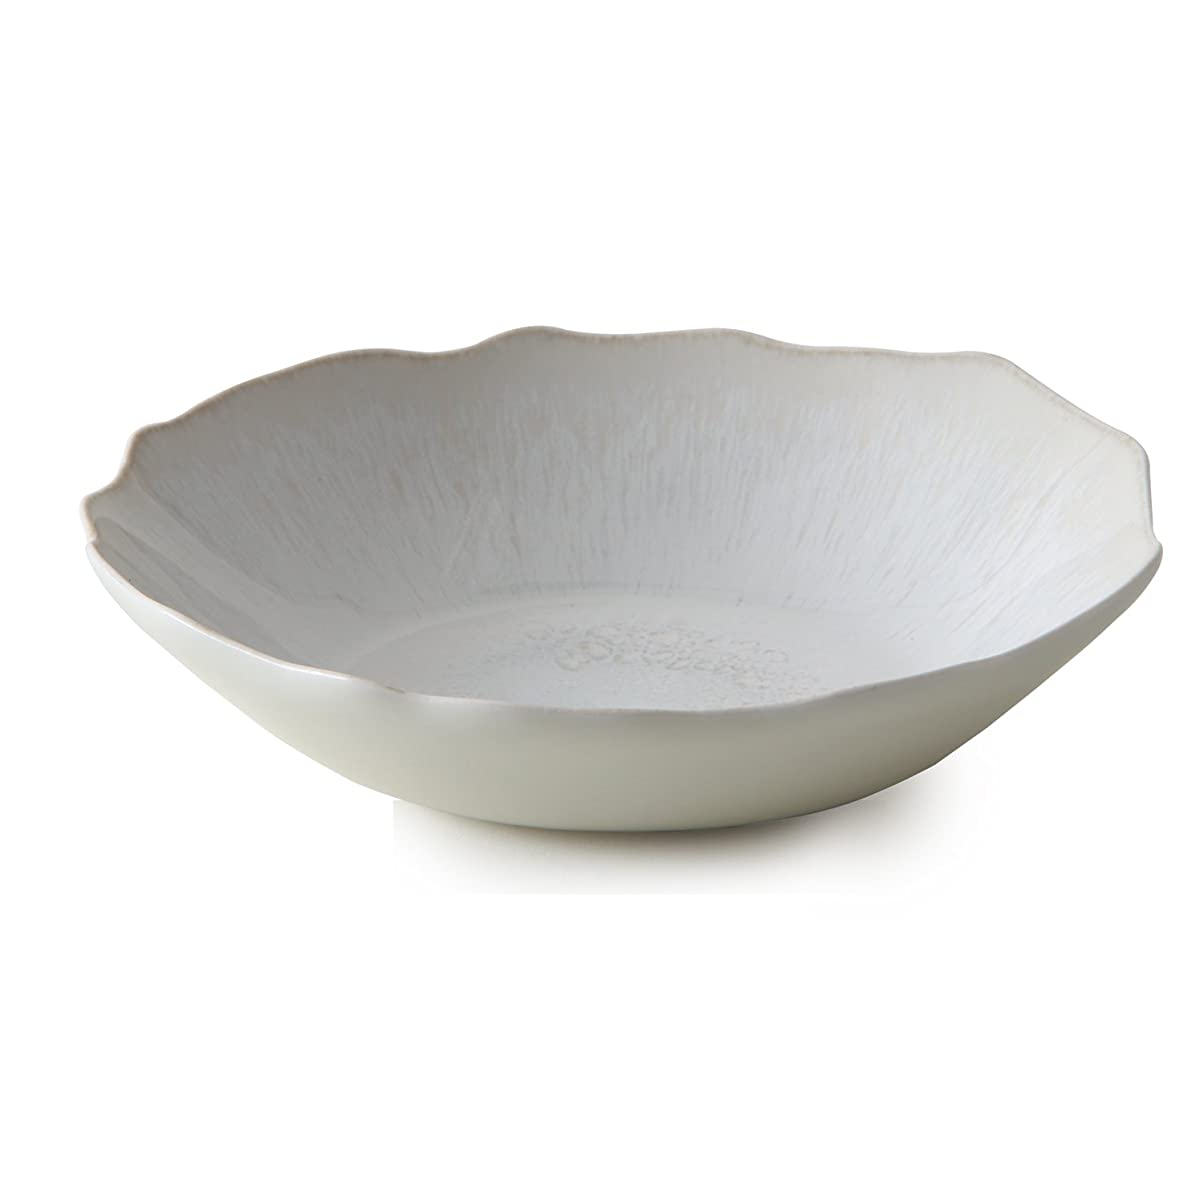 北東ニコチンチューリップ光洋陶器 黒艶 スープボウル 20cm 51134016